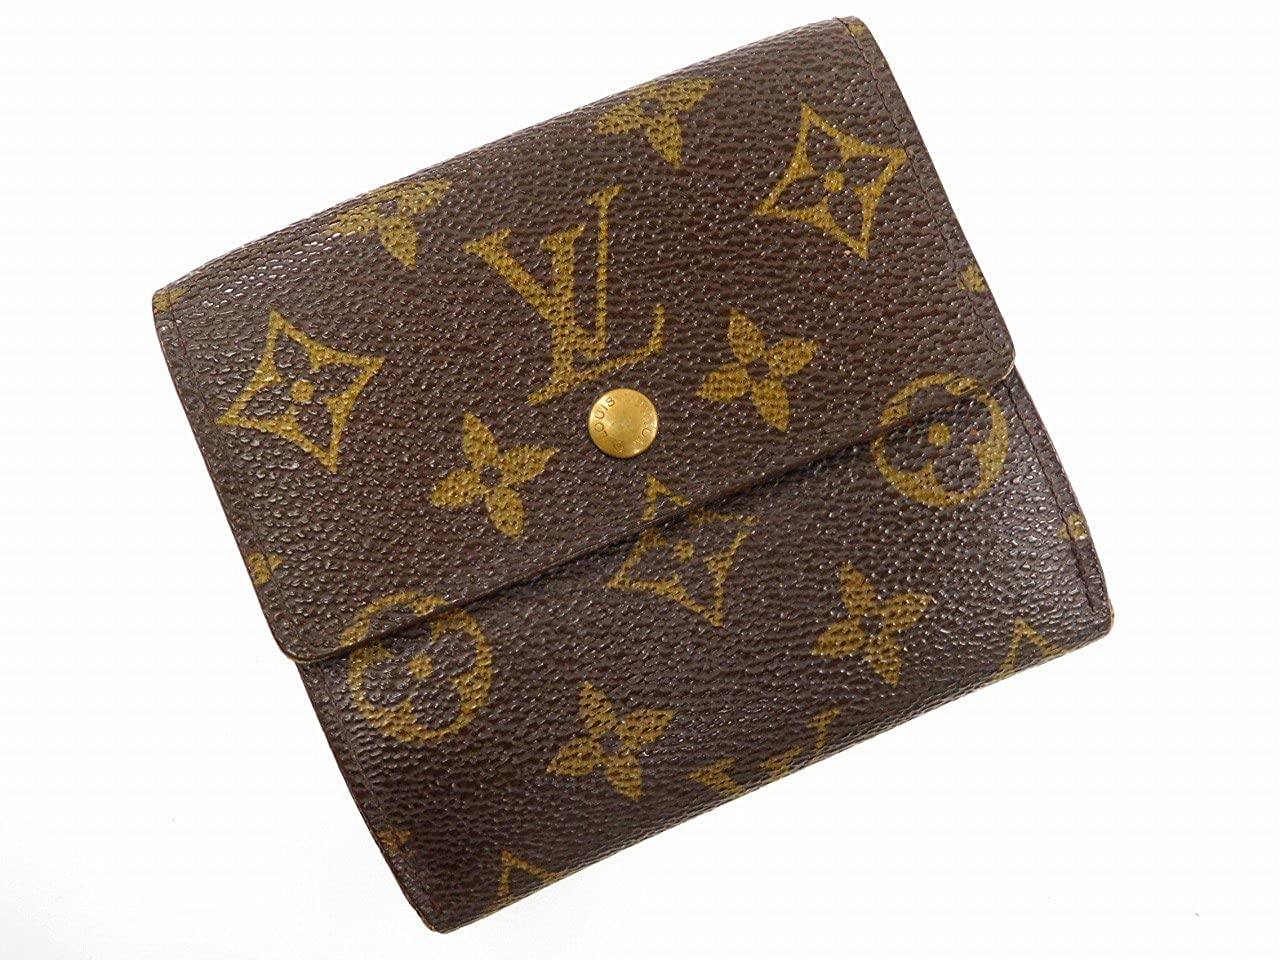 [ルイヴィトン] LOUIS VUITTON 二つ折り財布 モノグラム M61652 PVC×レザー X16236 中古   B076F3C7TC